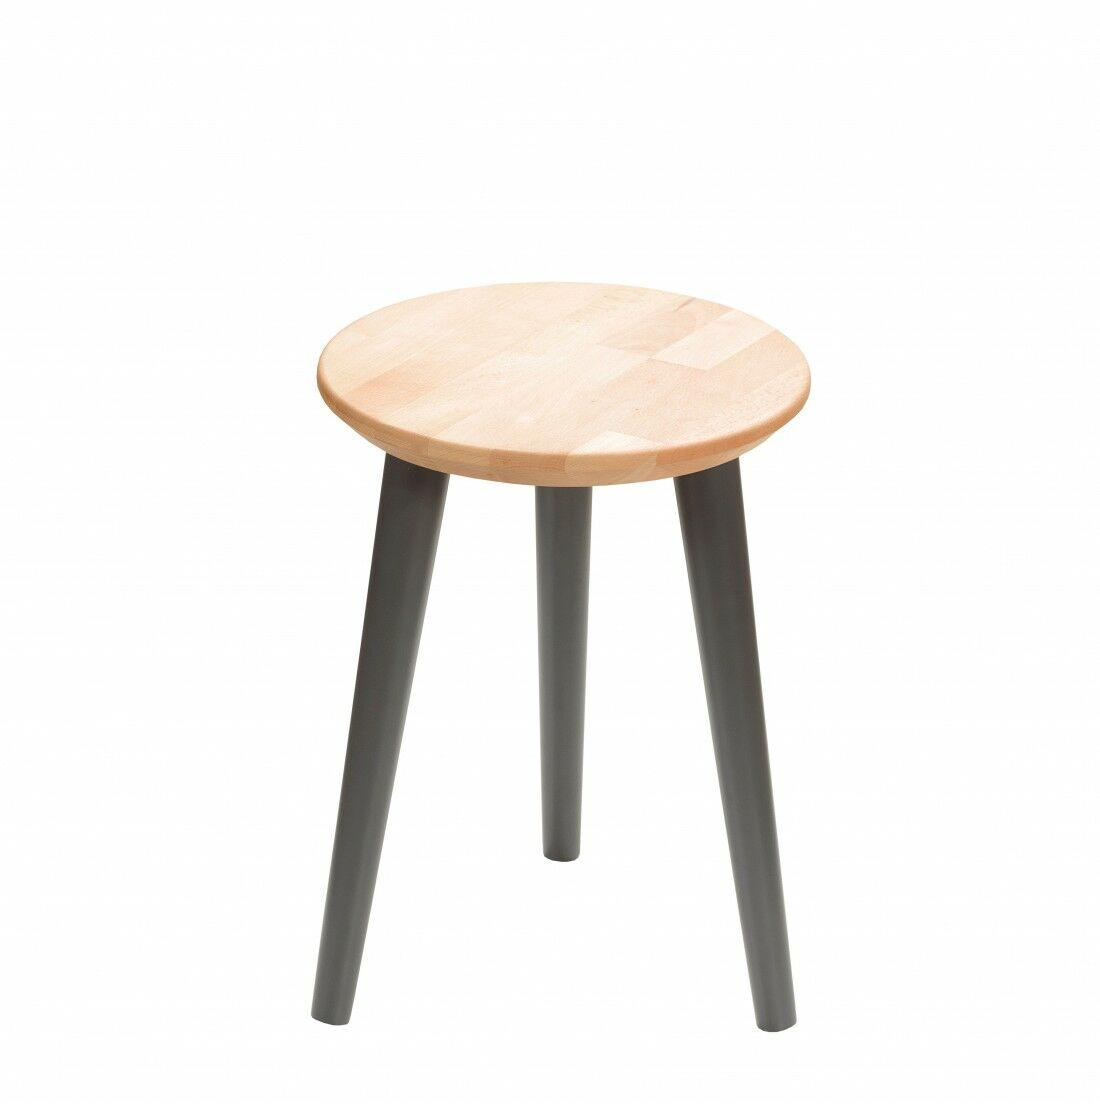 Taboret drewniany okrągły z litego buka Olejowany buk - Natural, Wykończenie nogi - Grafit, Wysokość - 410, Wymiar siedziska (Średnica) - 300